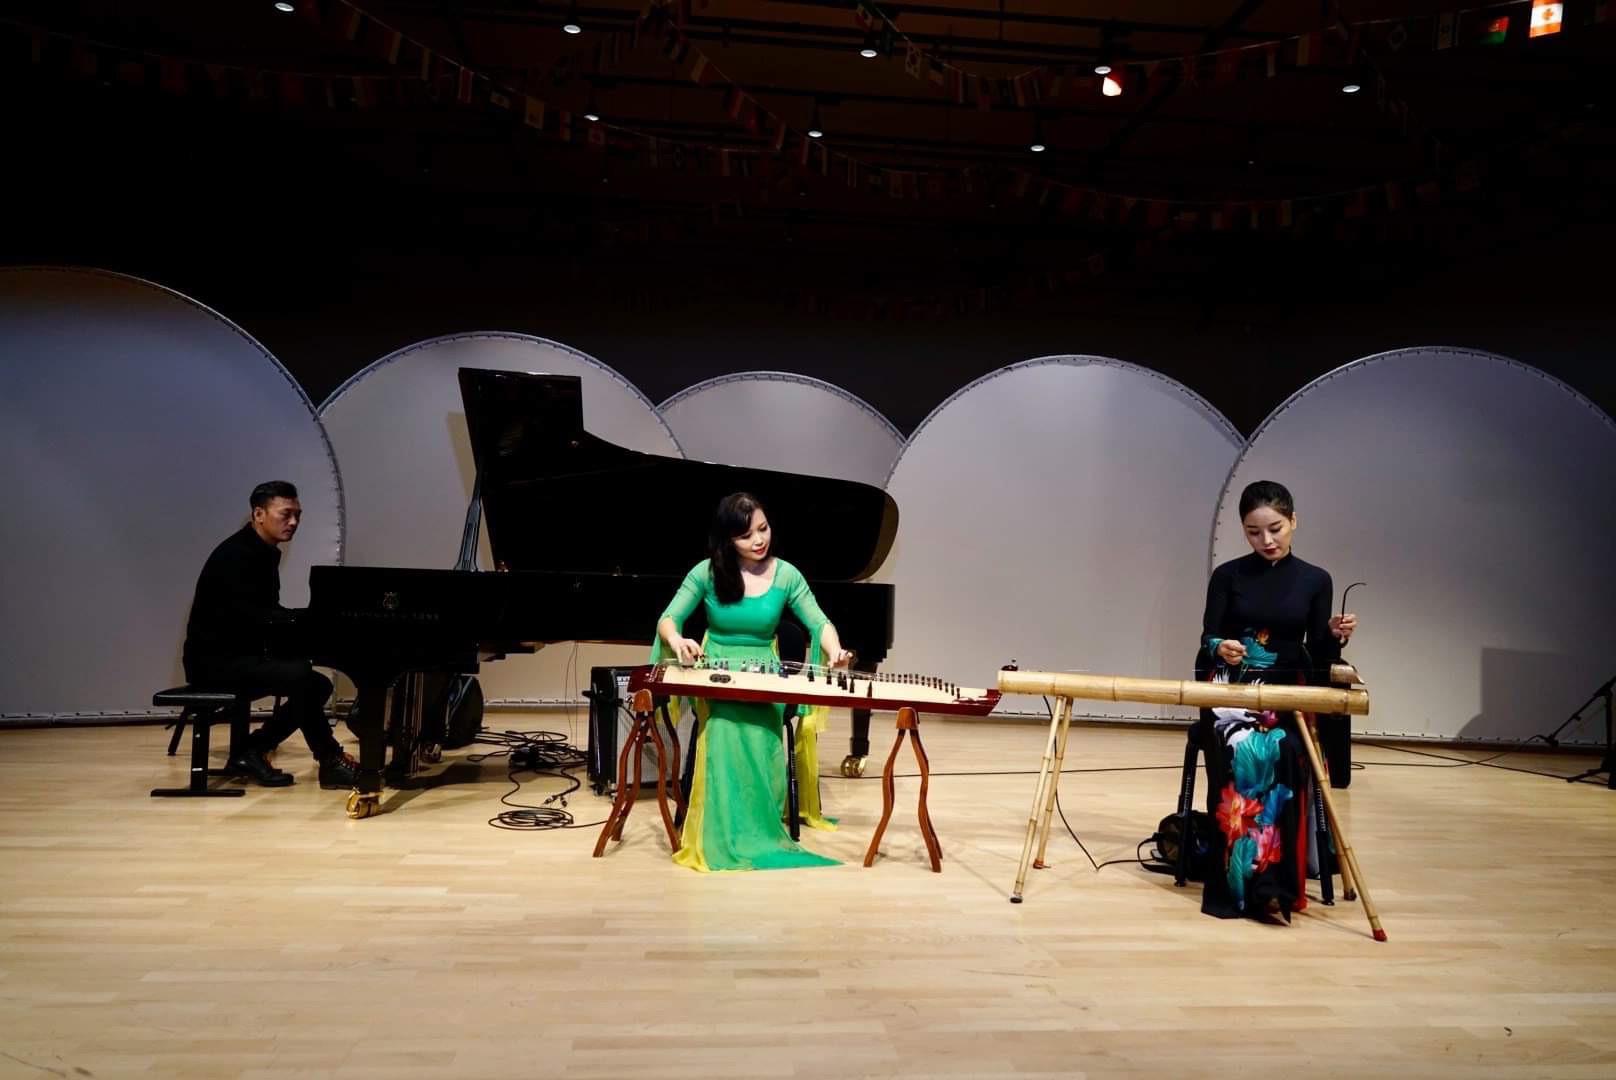 Chương trình hòa nhạc của Học viện Âm nhạc Quốc gia Việt Nam tại Học viện Âm nhạc Malmo - Ảnh 5.